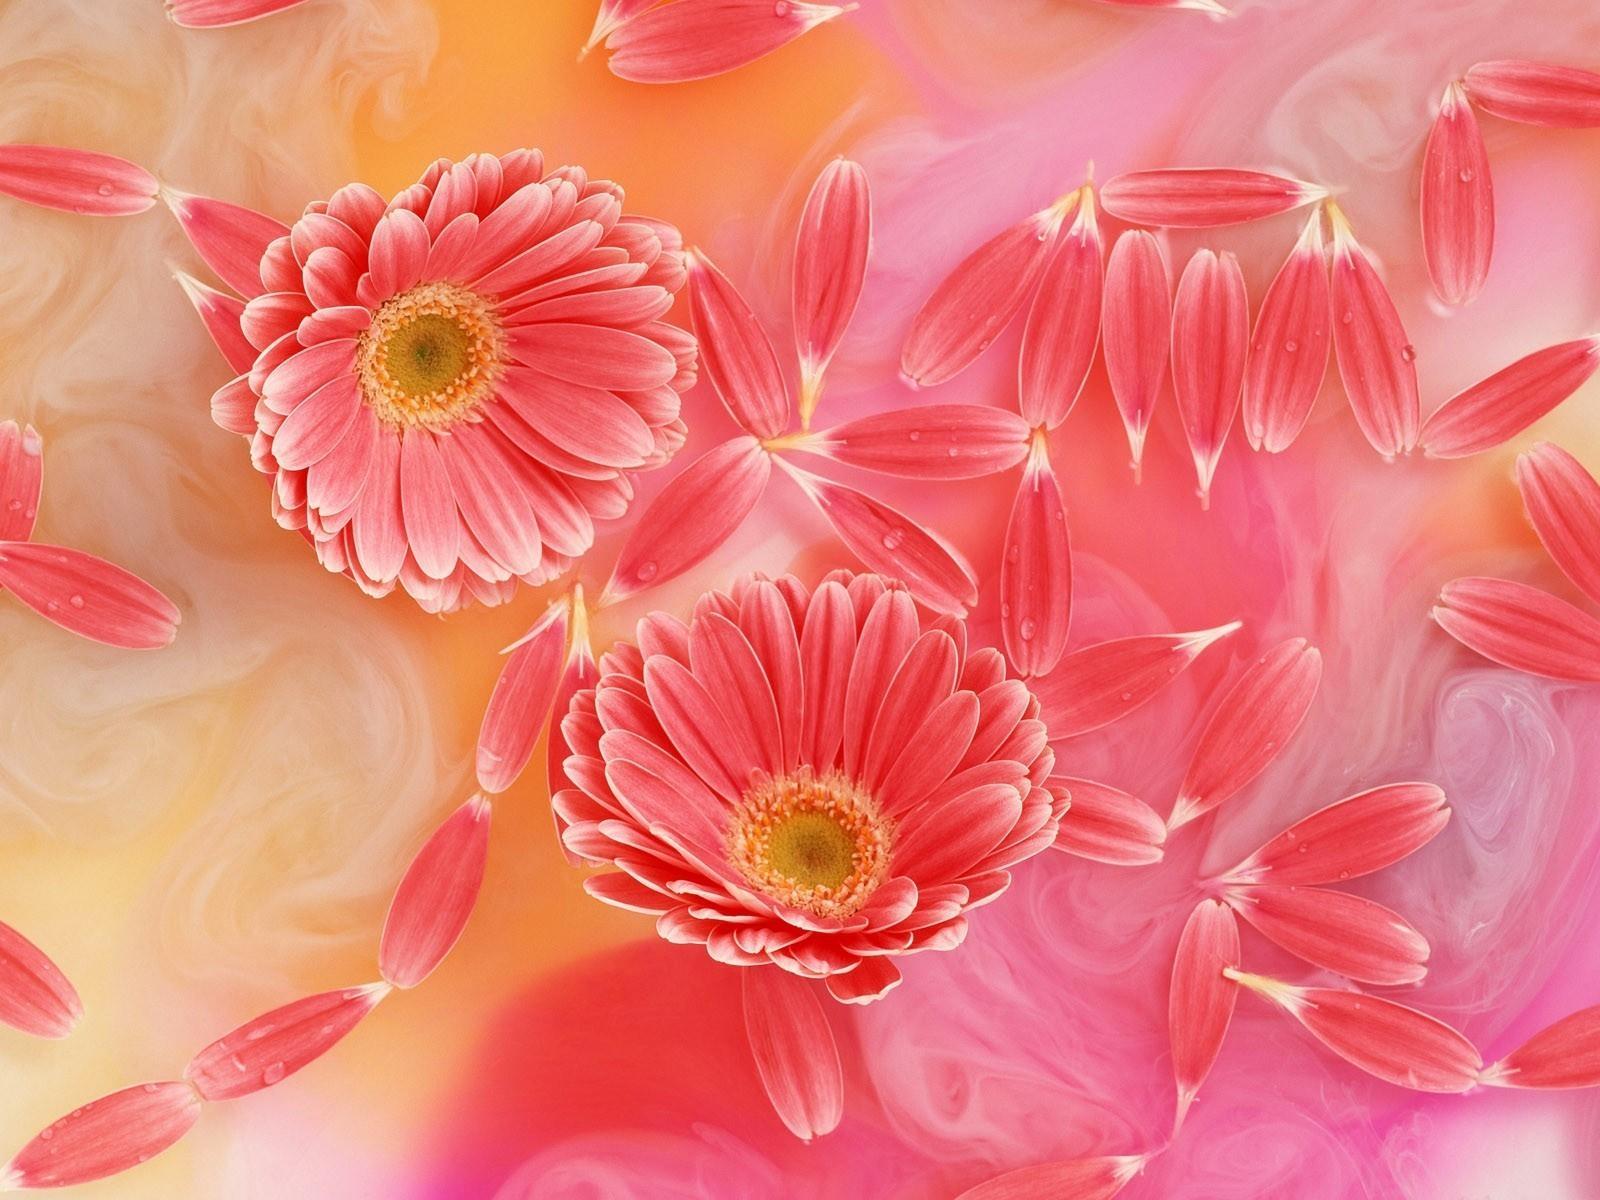 Днем рождения, фон цветы для открытки